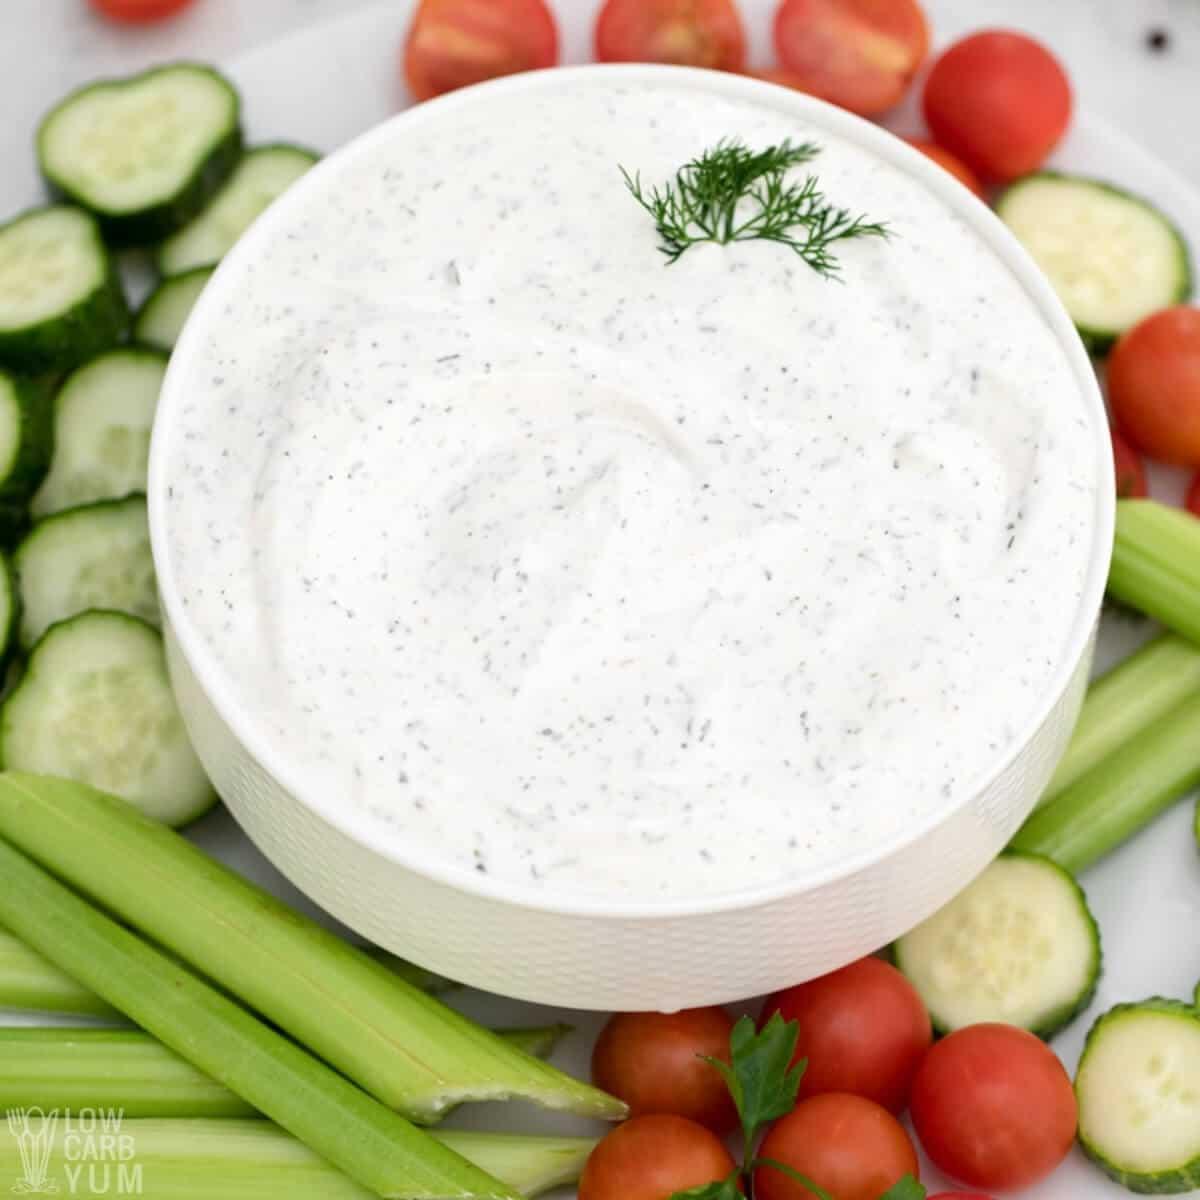 keto ranch veggie dip dressing in white bowl